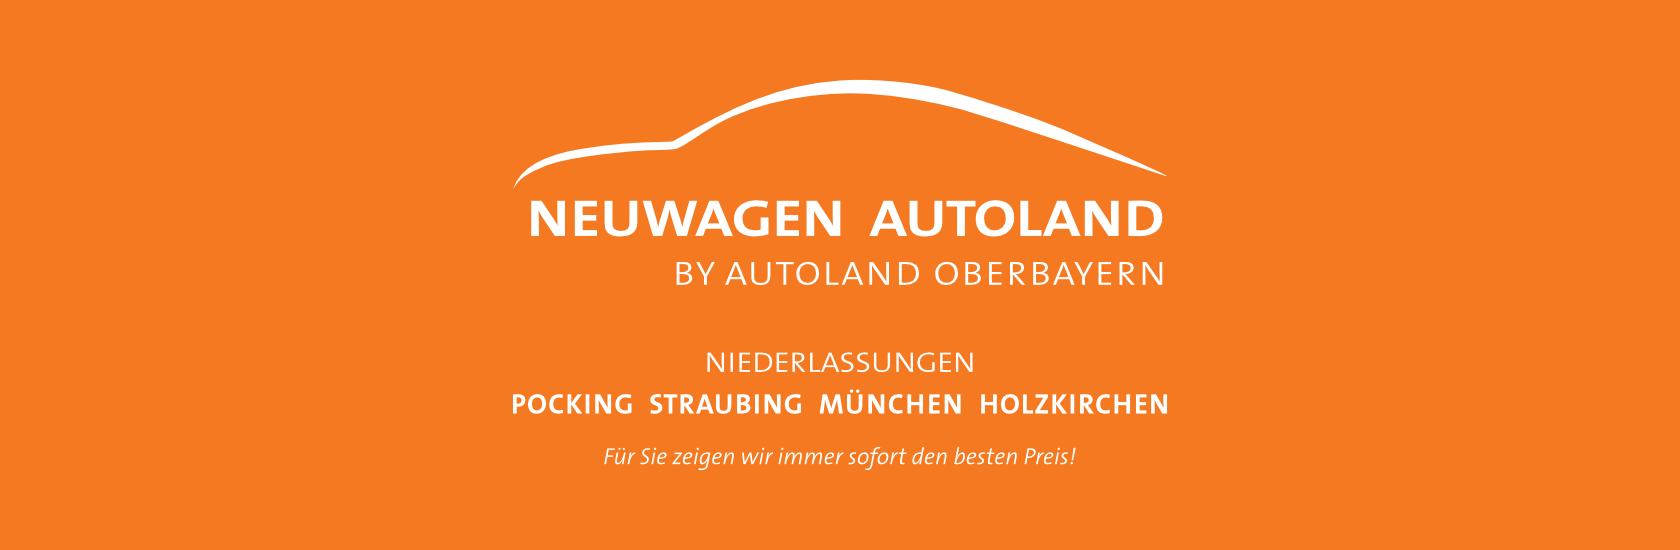 Neuwagen Autoland Oberbayern